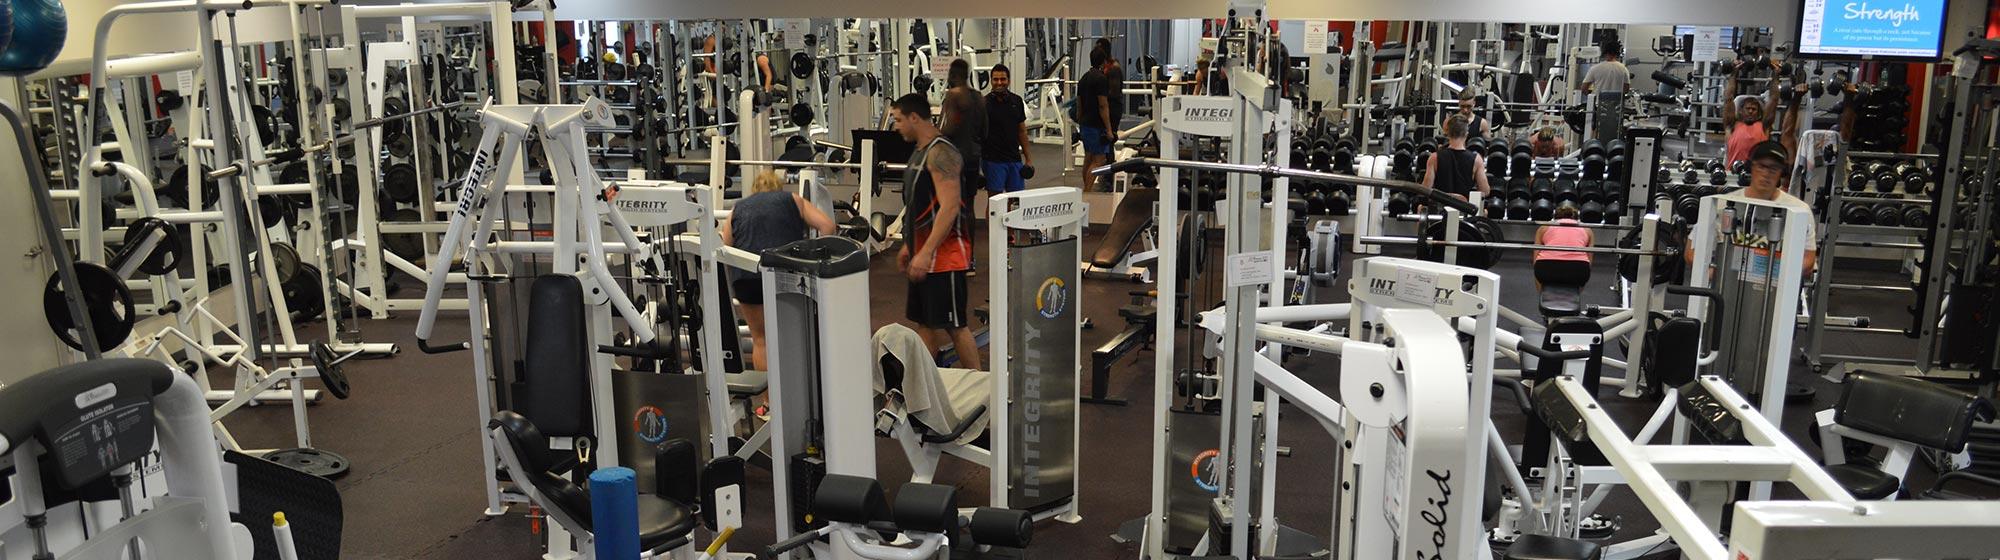 gym darwin